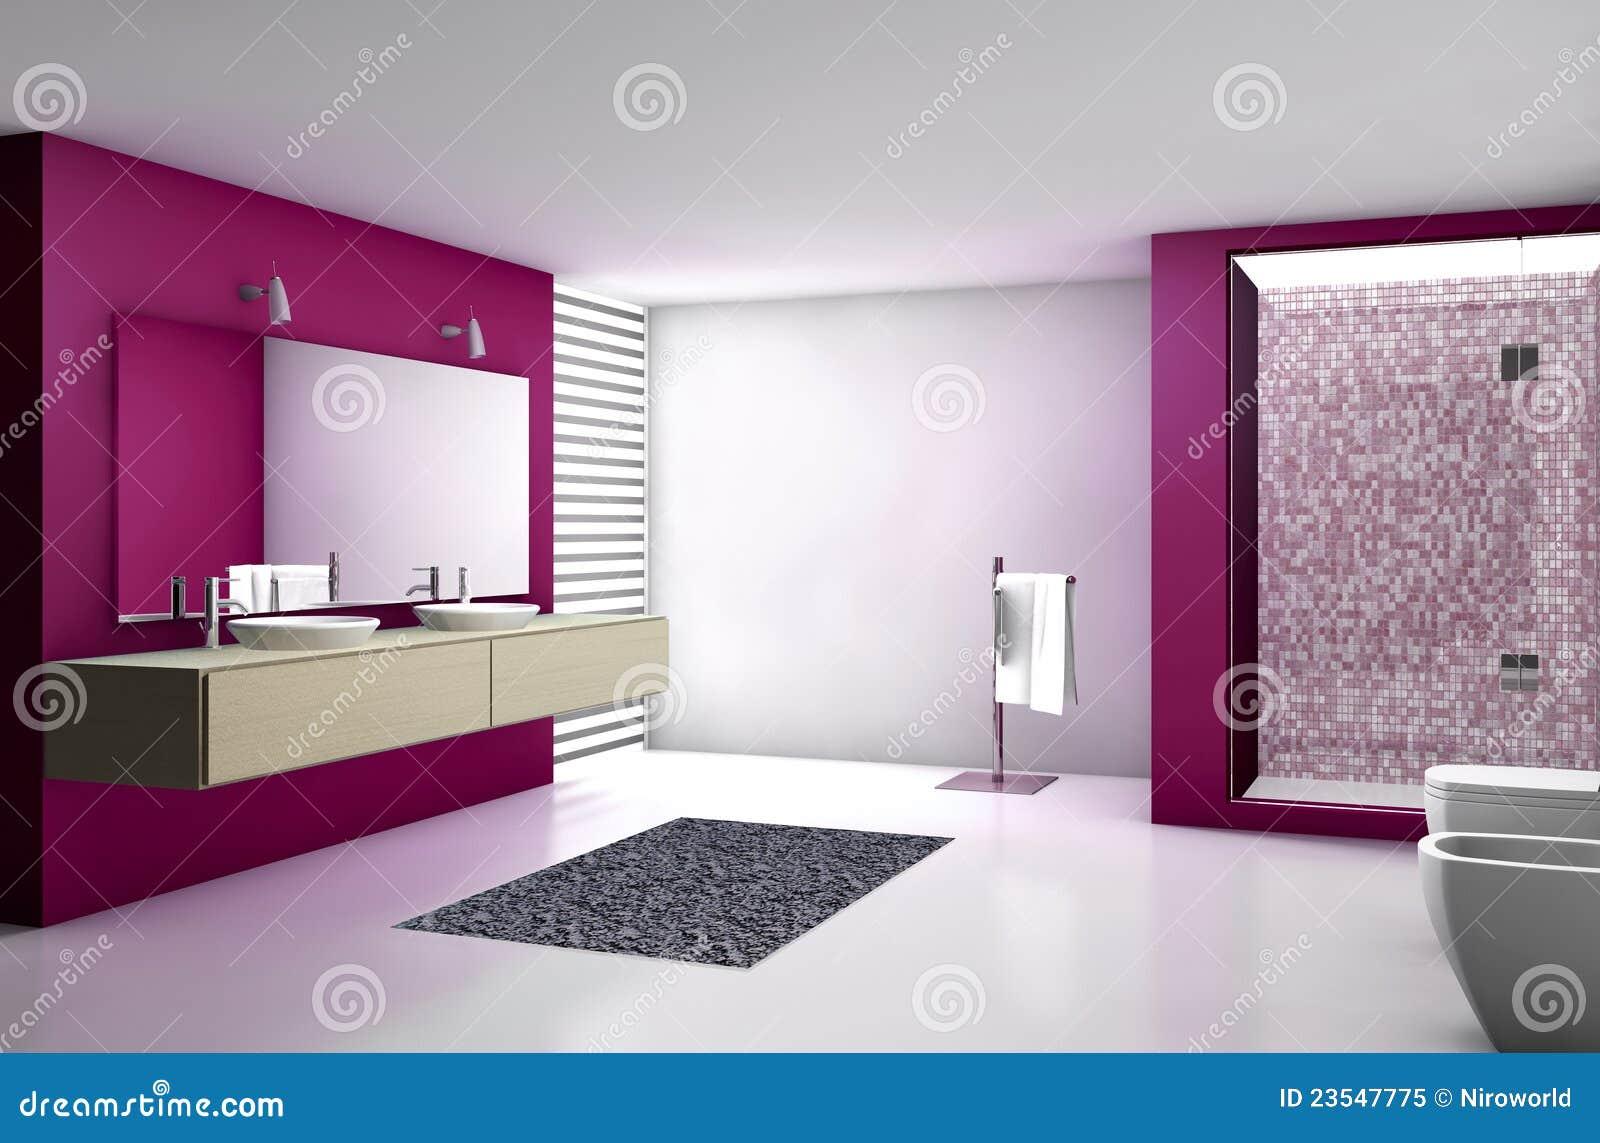 Baños Blanco Con Rojo: con diseño moderno y los muebles, coloreados en rojo, arce y blanco